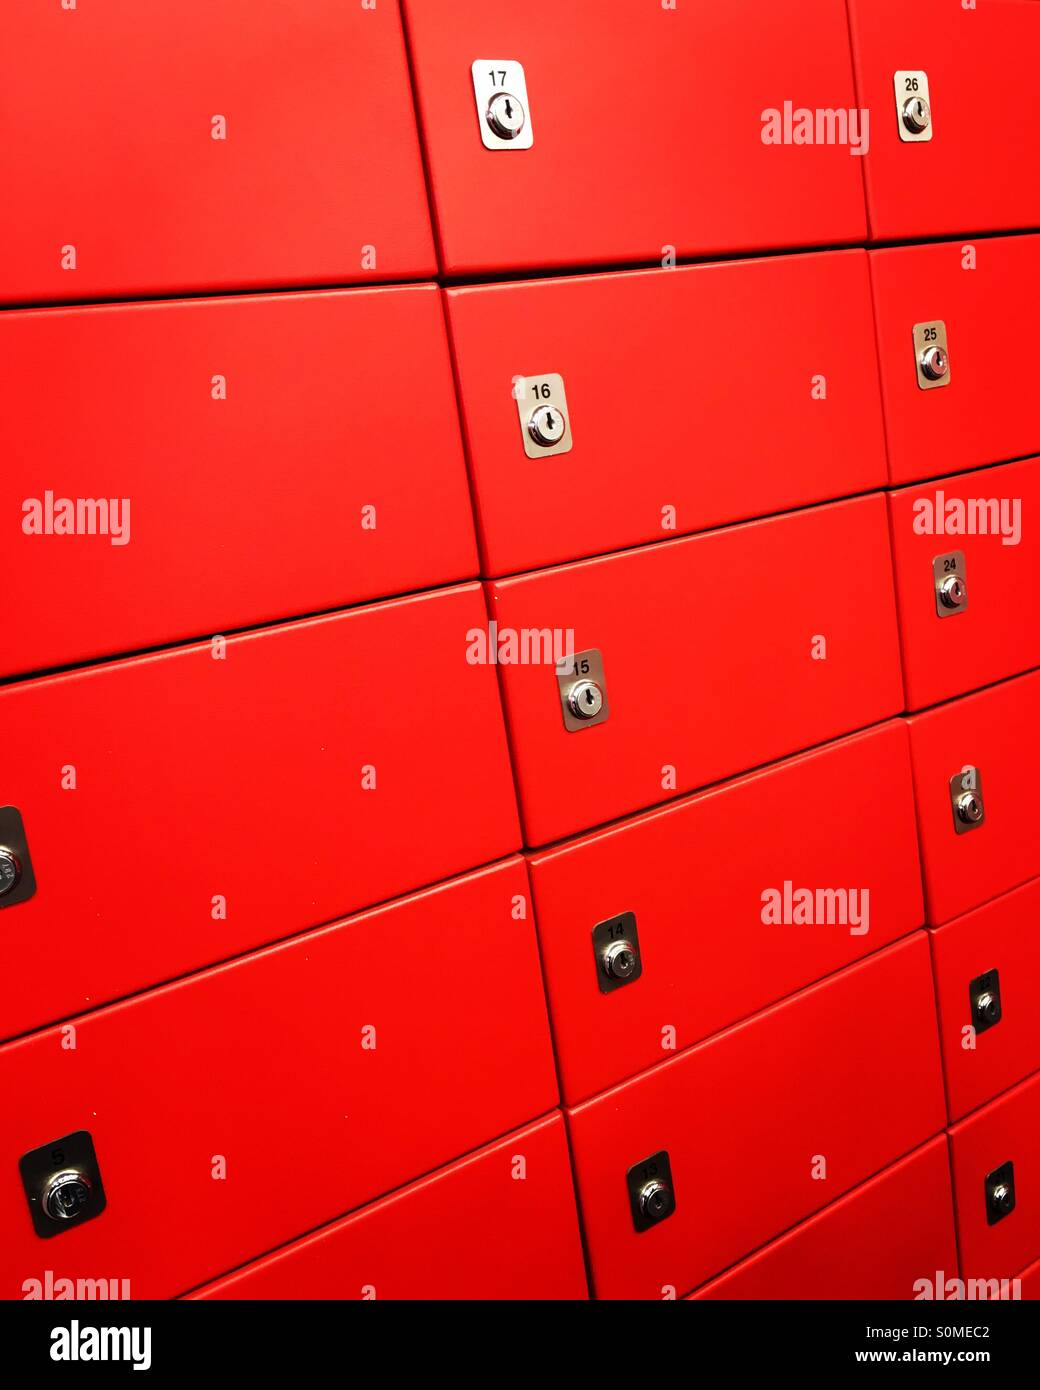 Nummeriert, rote Safes. Stockbild